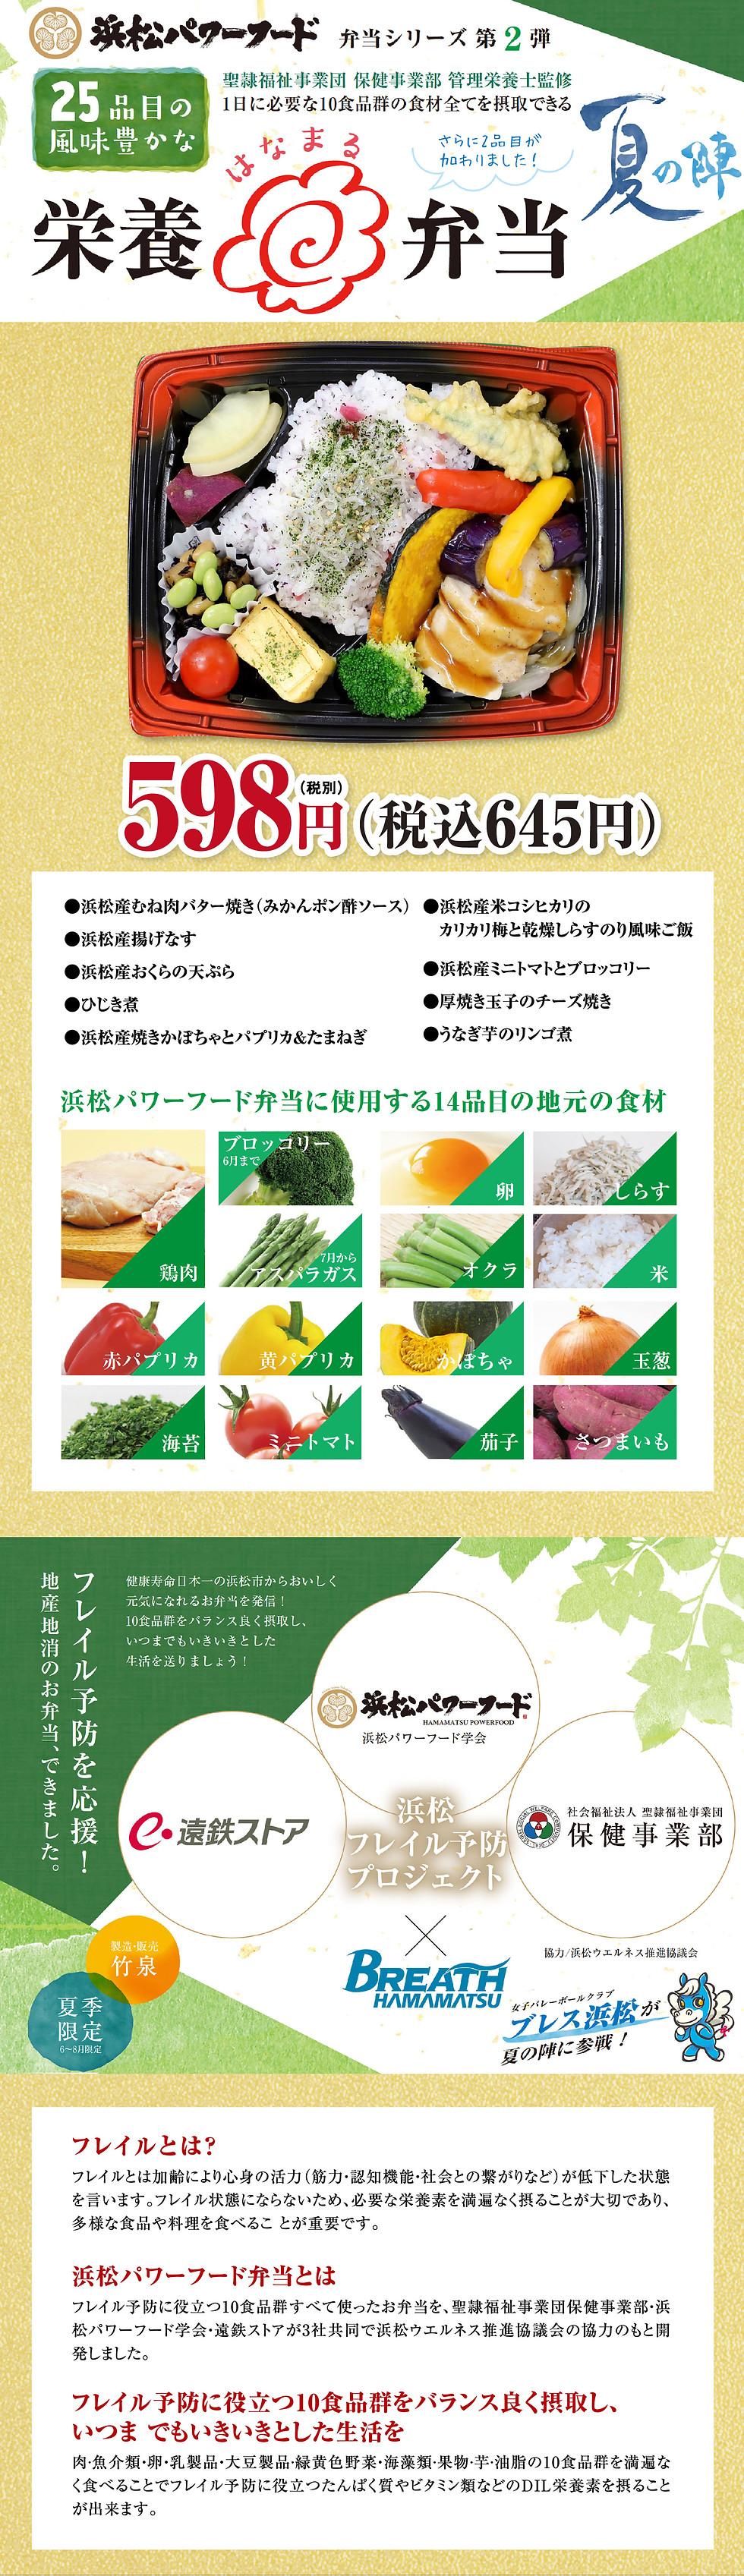 chikusen-web_hanamarubento.jpg